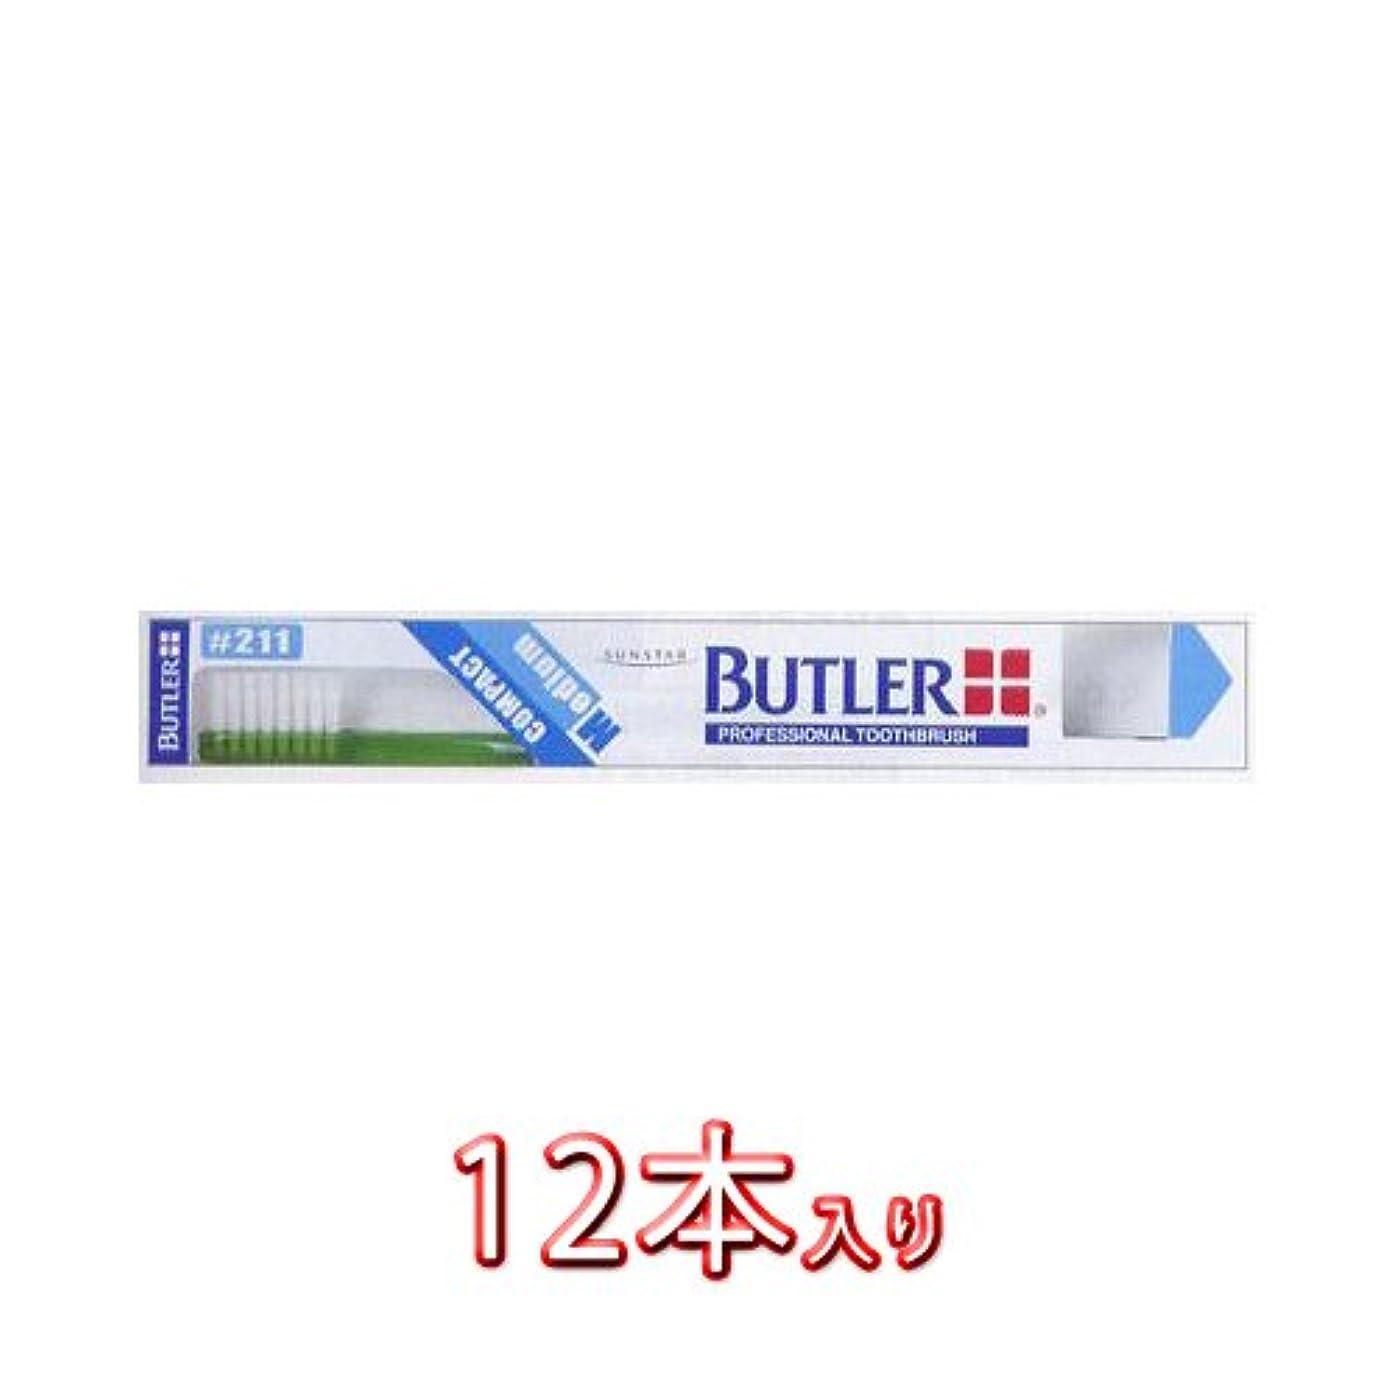 まだ酸素アイザックバトラー 歯ブラシ #211 12本入